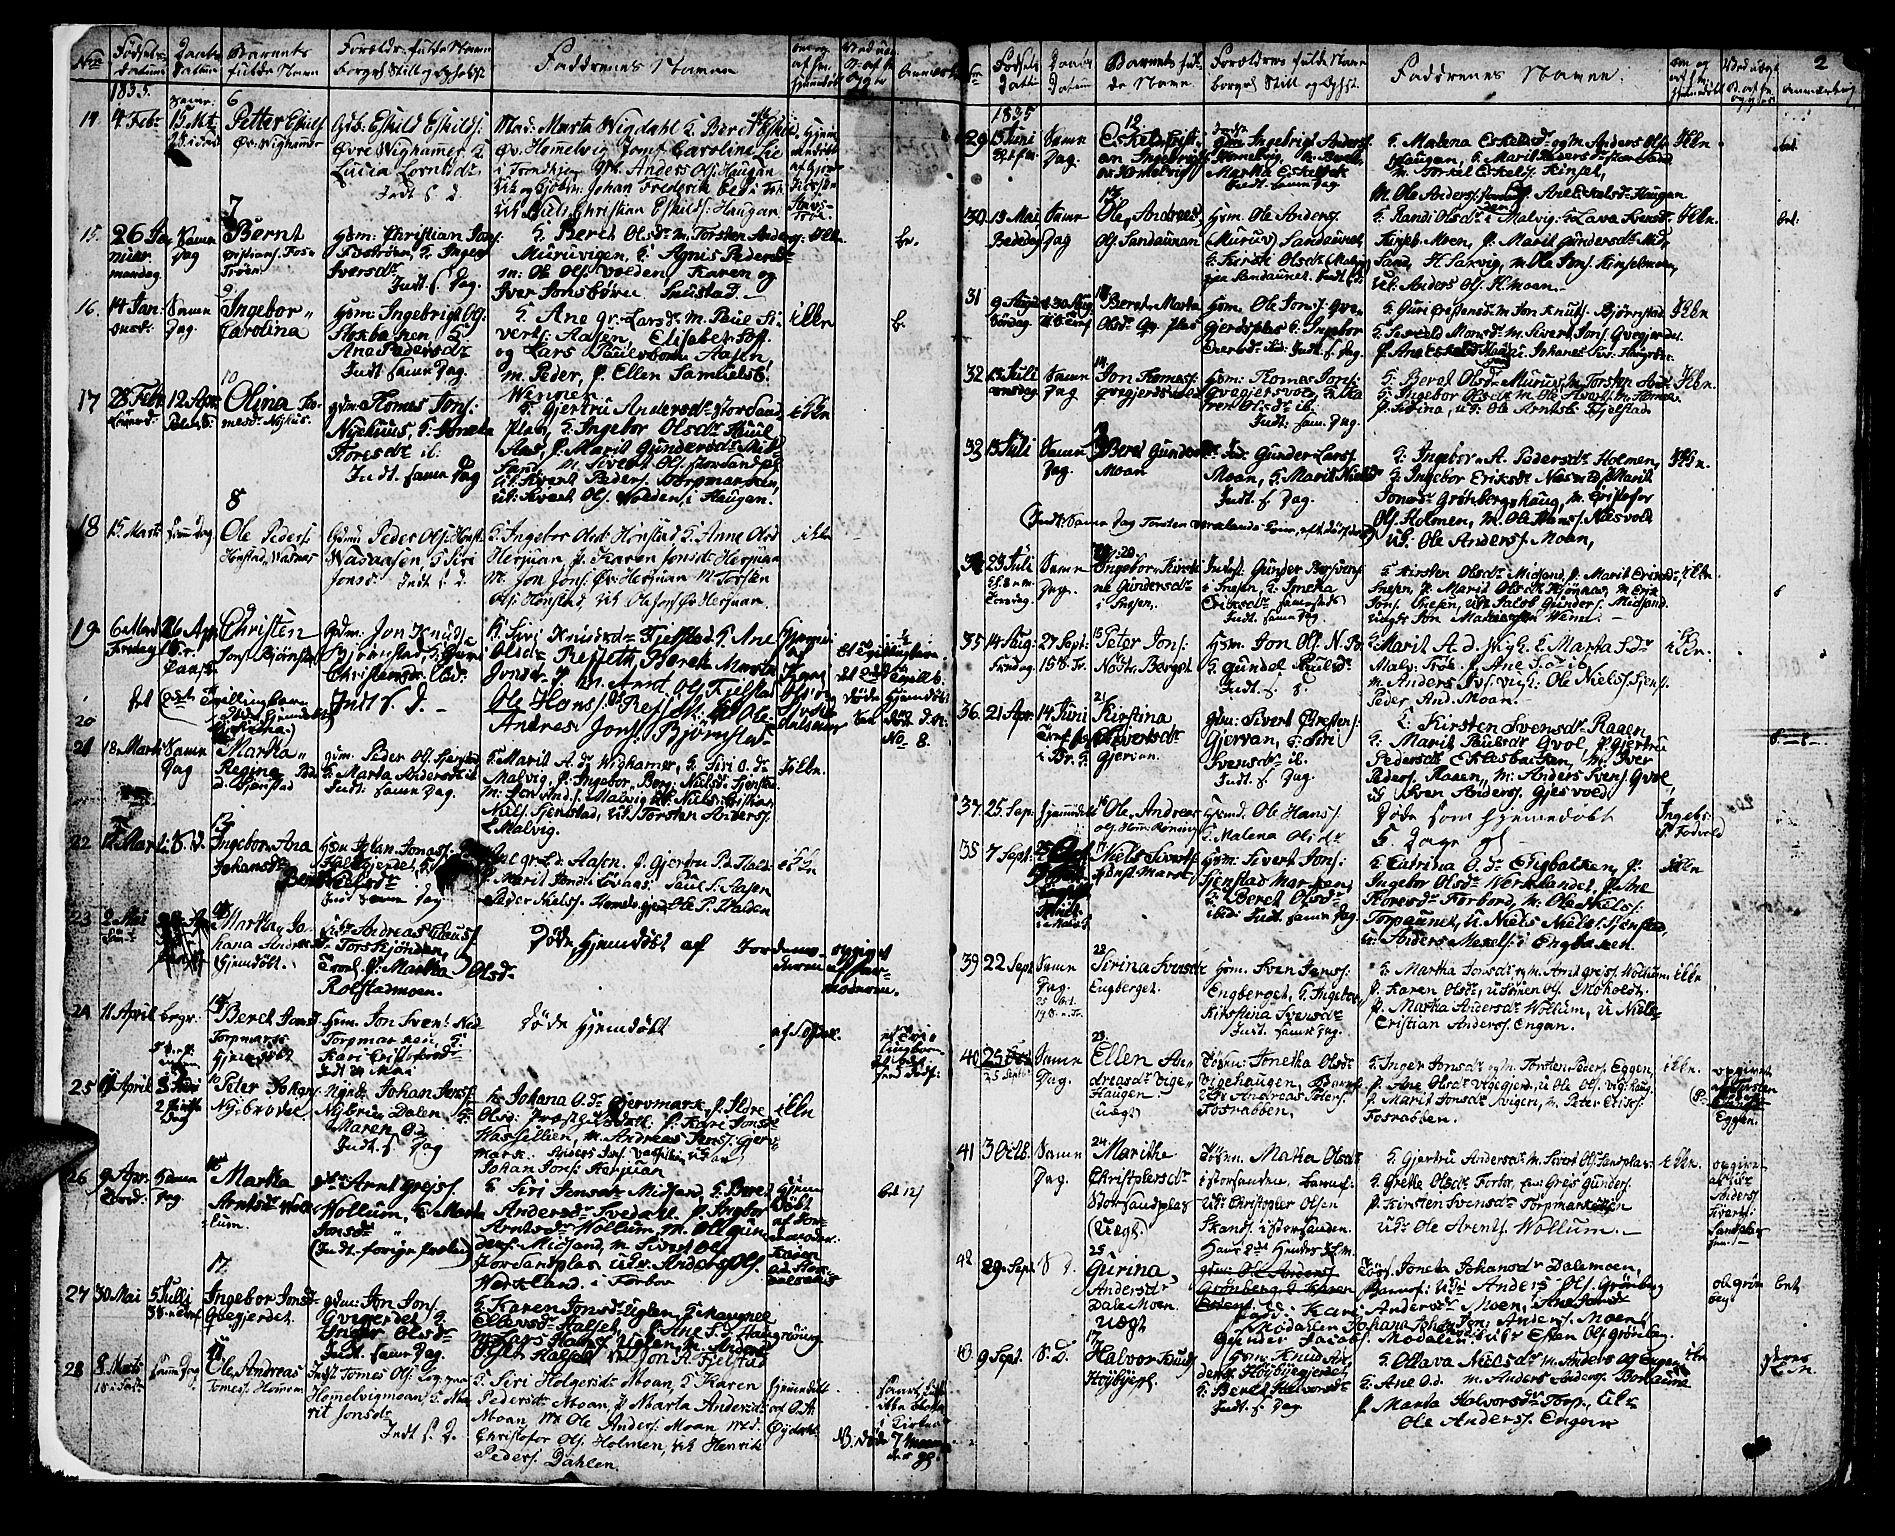 SAT, Ministerialprotokoller, klokkerbøker og fødselsregistre - Sør-Trøndelag, 616/L0421: Klokkerbok nr. 616C04, 1834-1850, s. 2